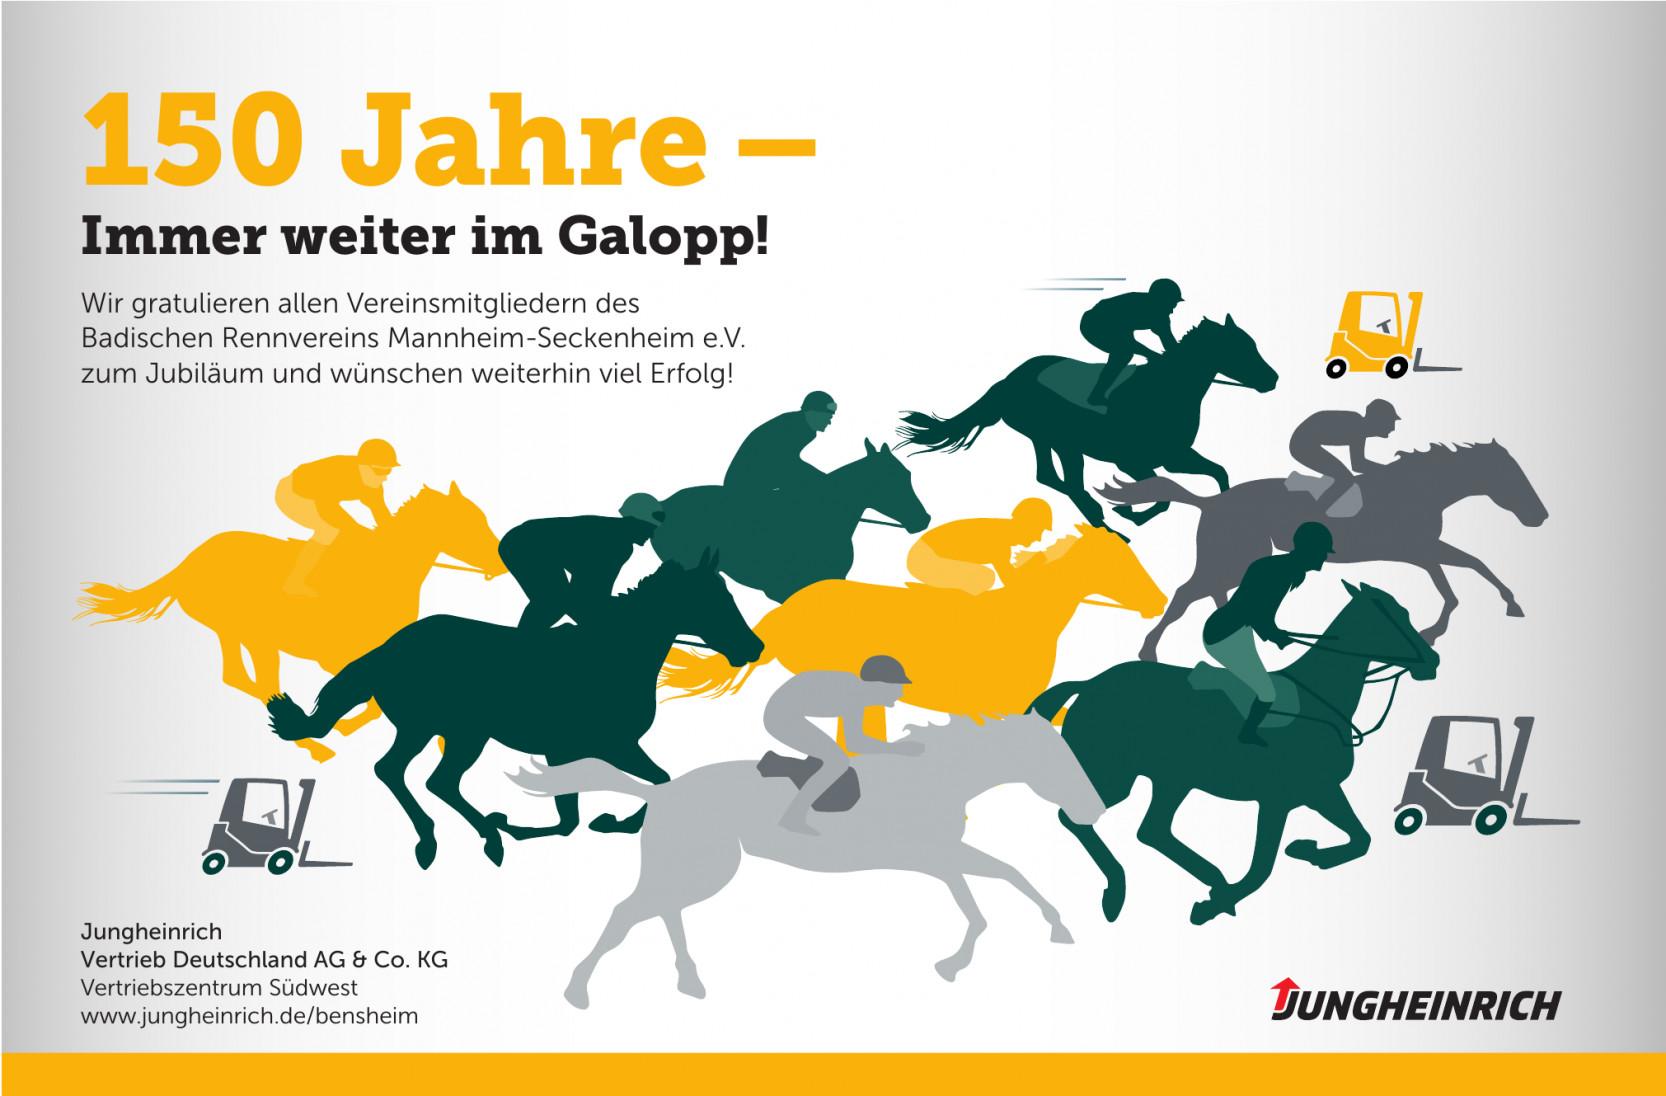 Jungheinrich Vertrieb Deutschland AG & Co. KG